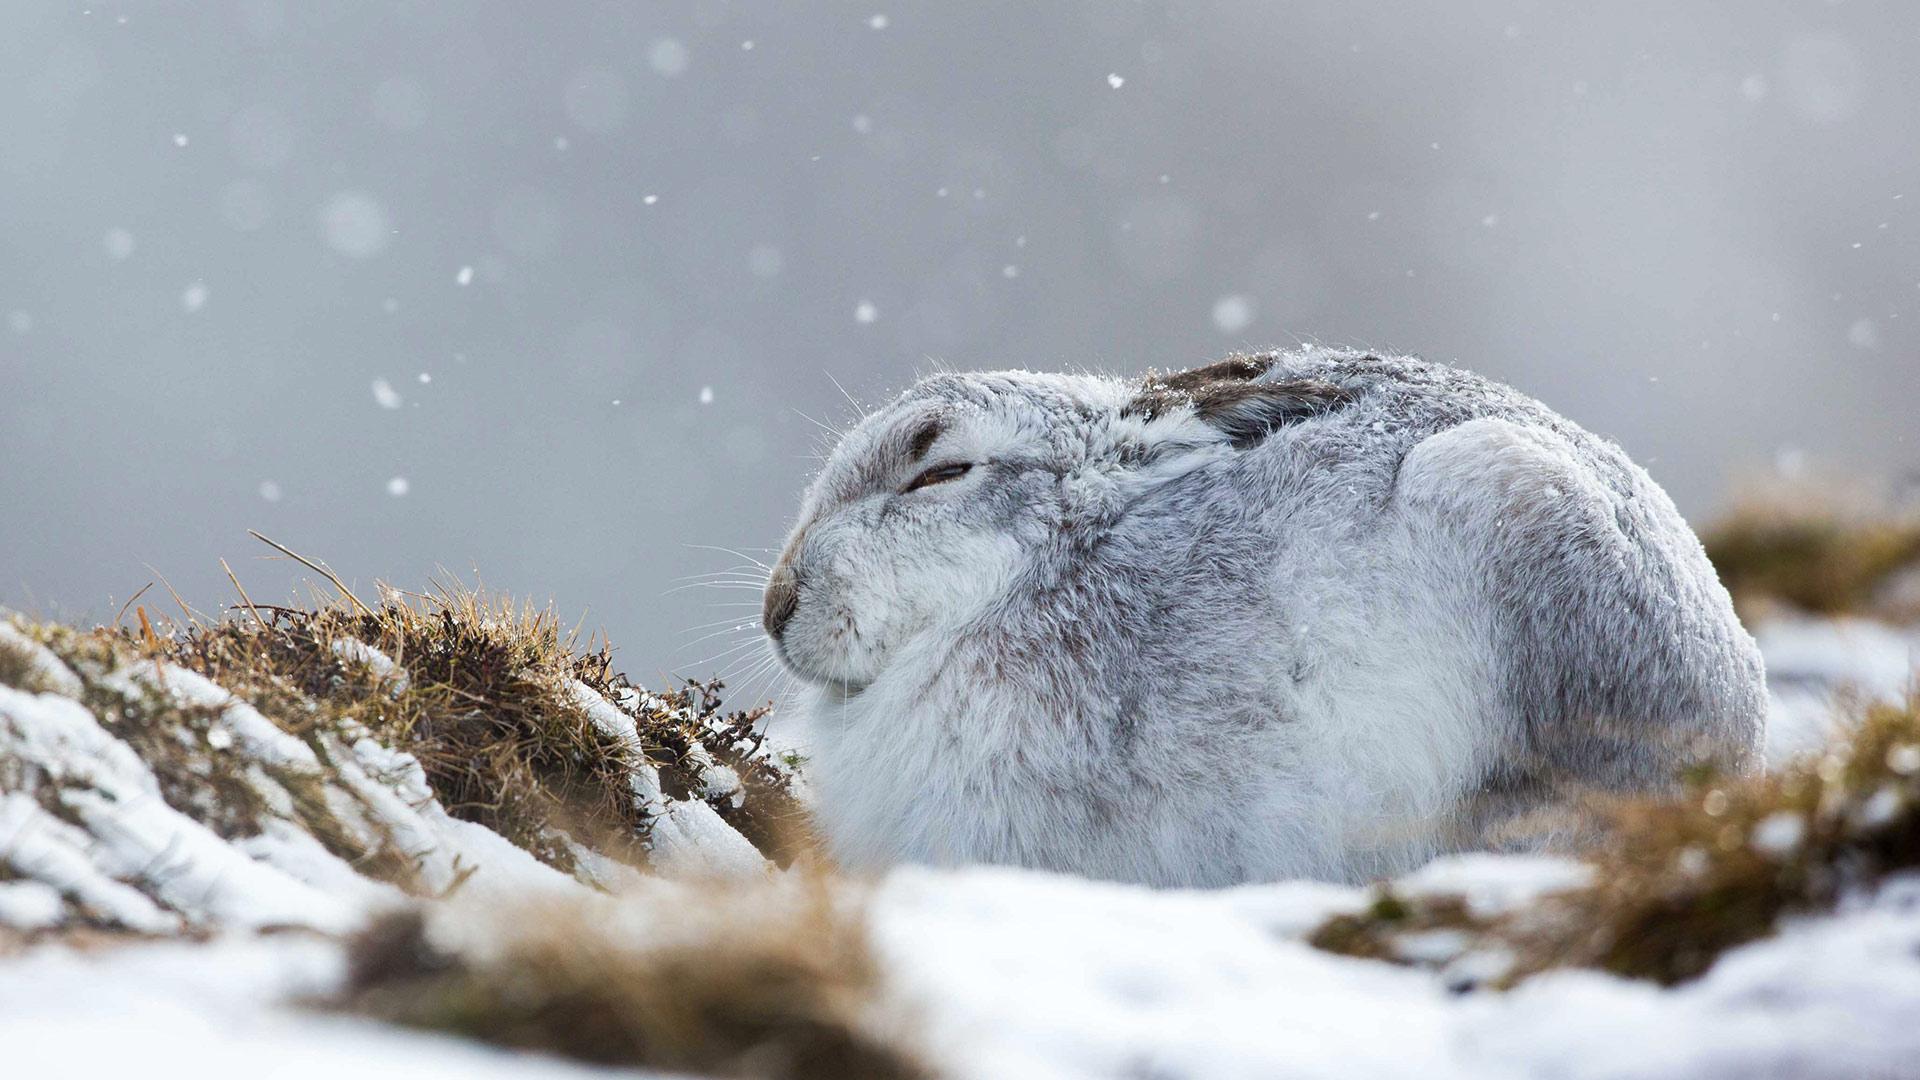 一只在暴风雪中蜷缩着的雪兔雪兔